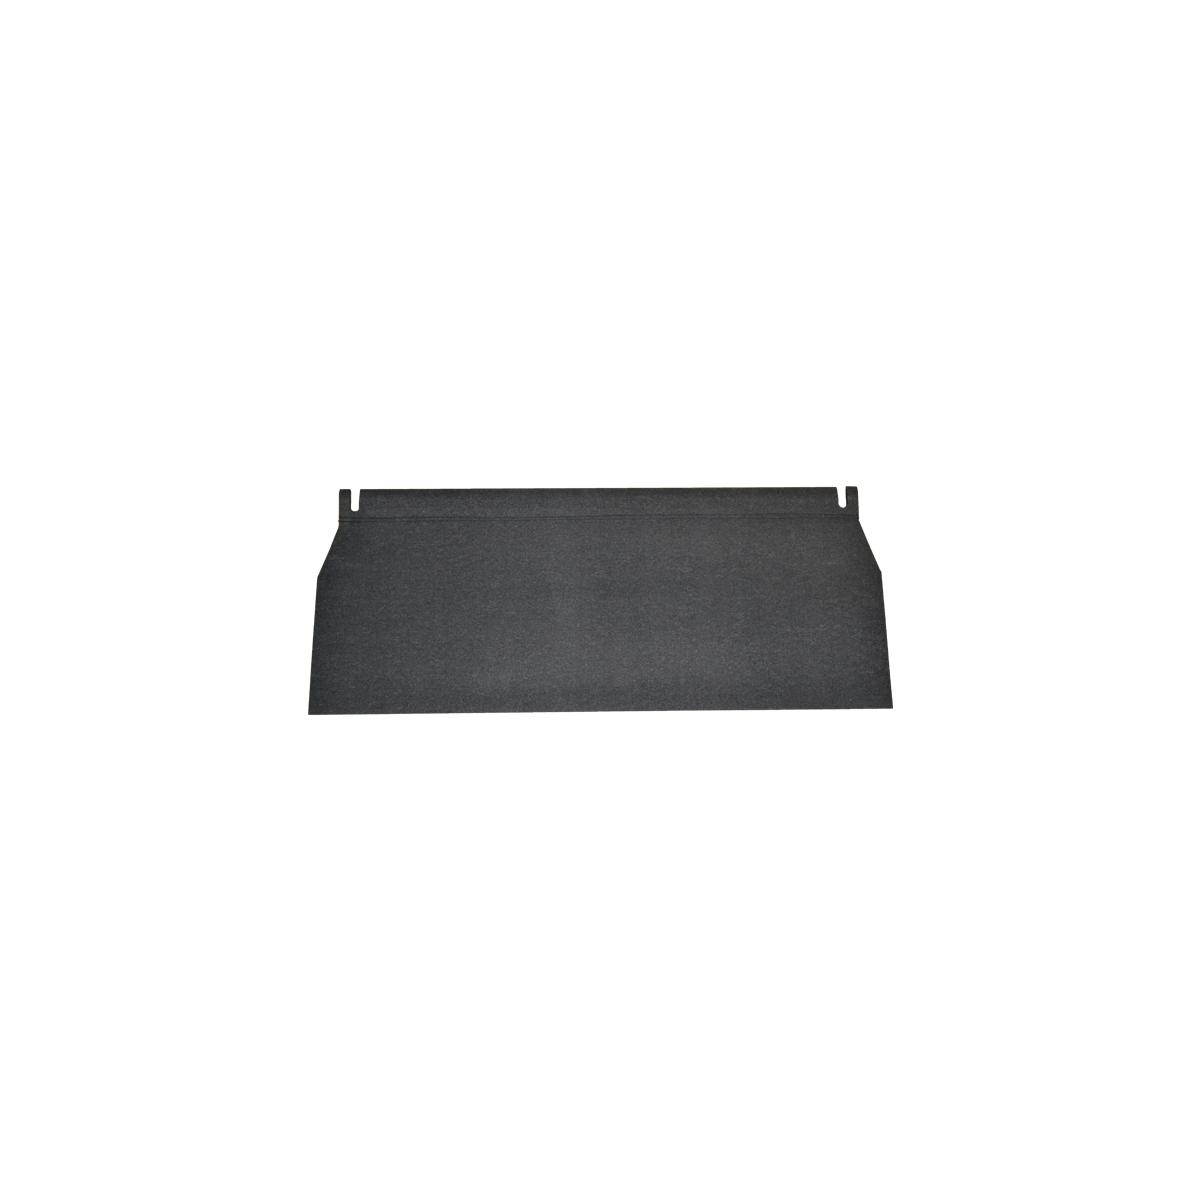 000-026-445D Deflector Curtain